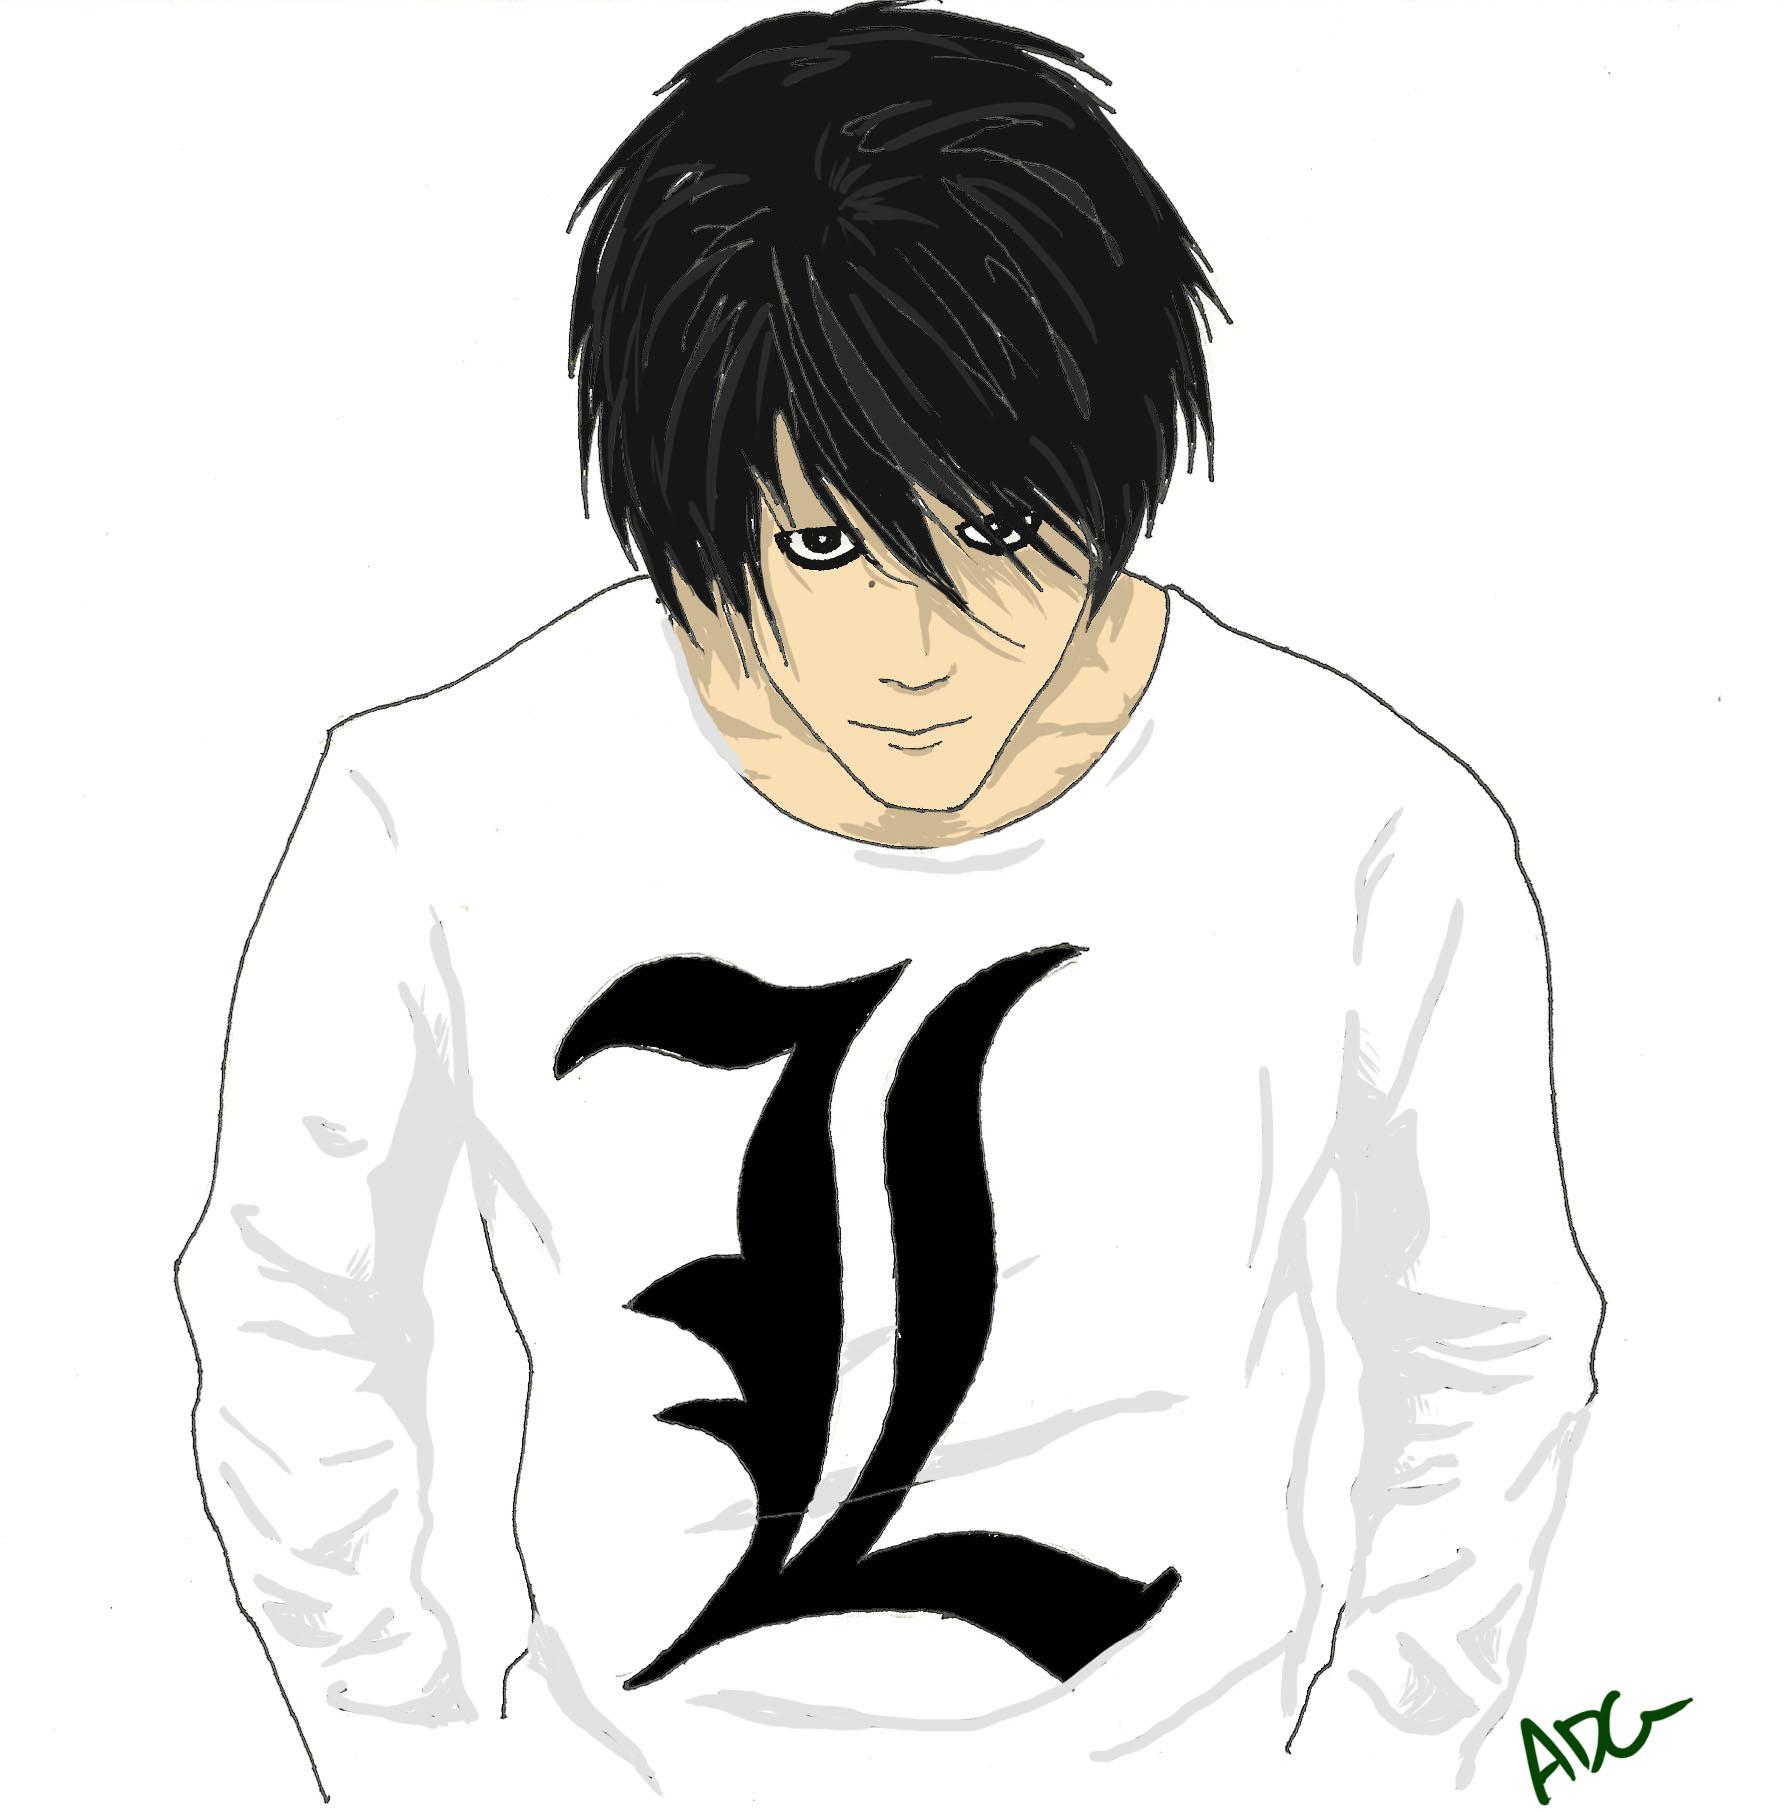 L. Lawliet